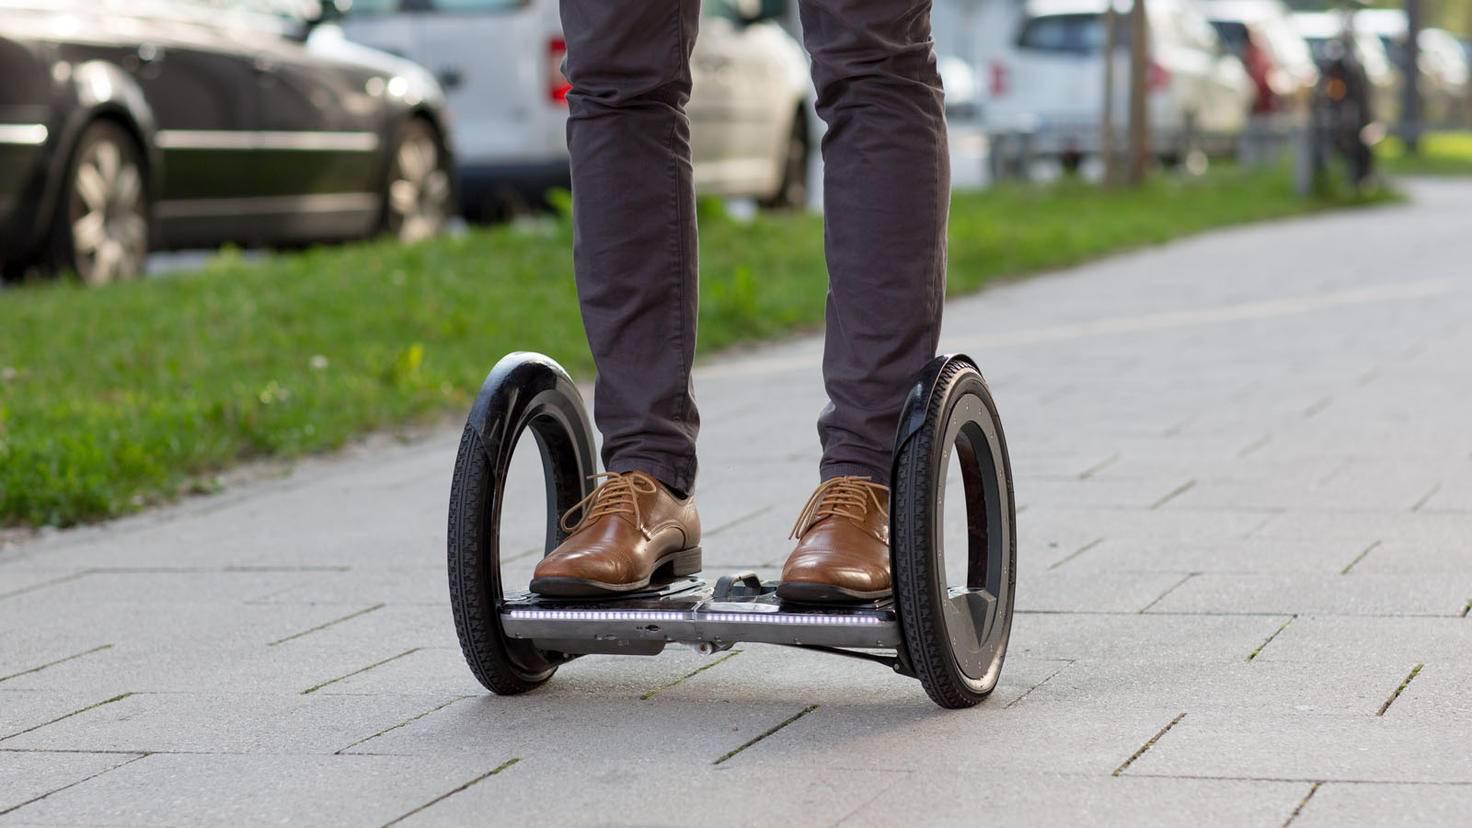 Klappbarer E-Floater Hoverboard Urmo outdoor